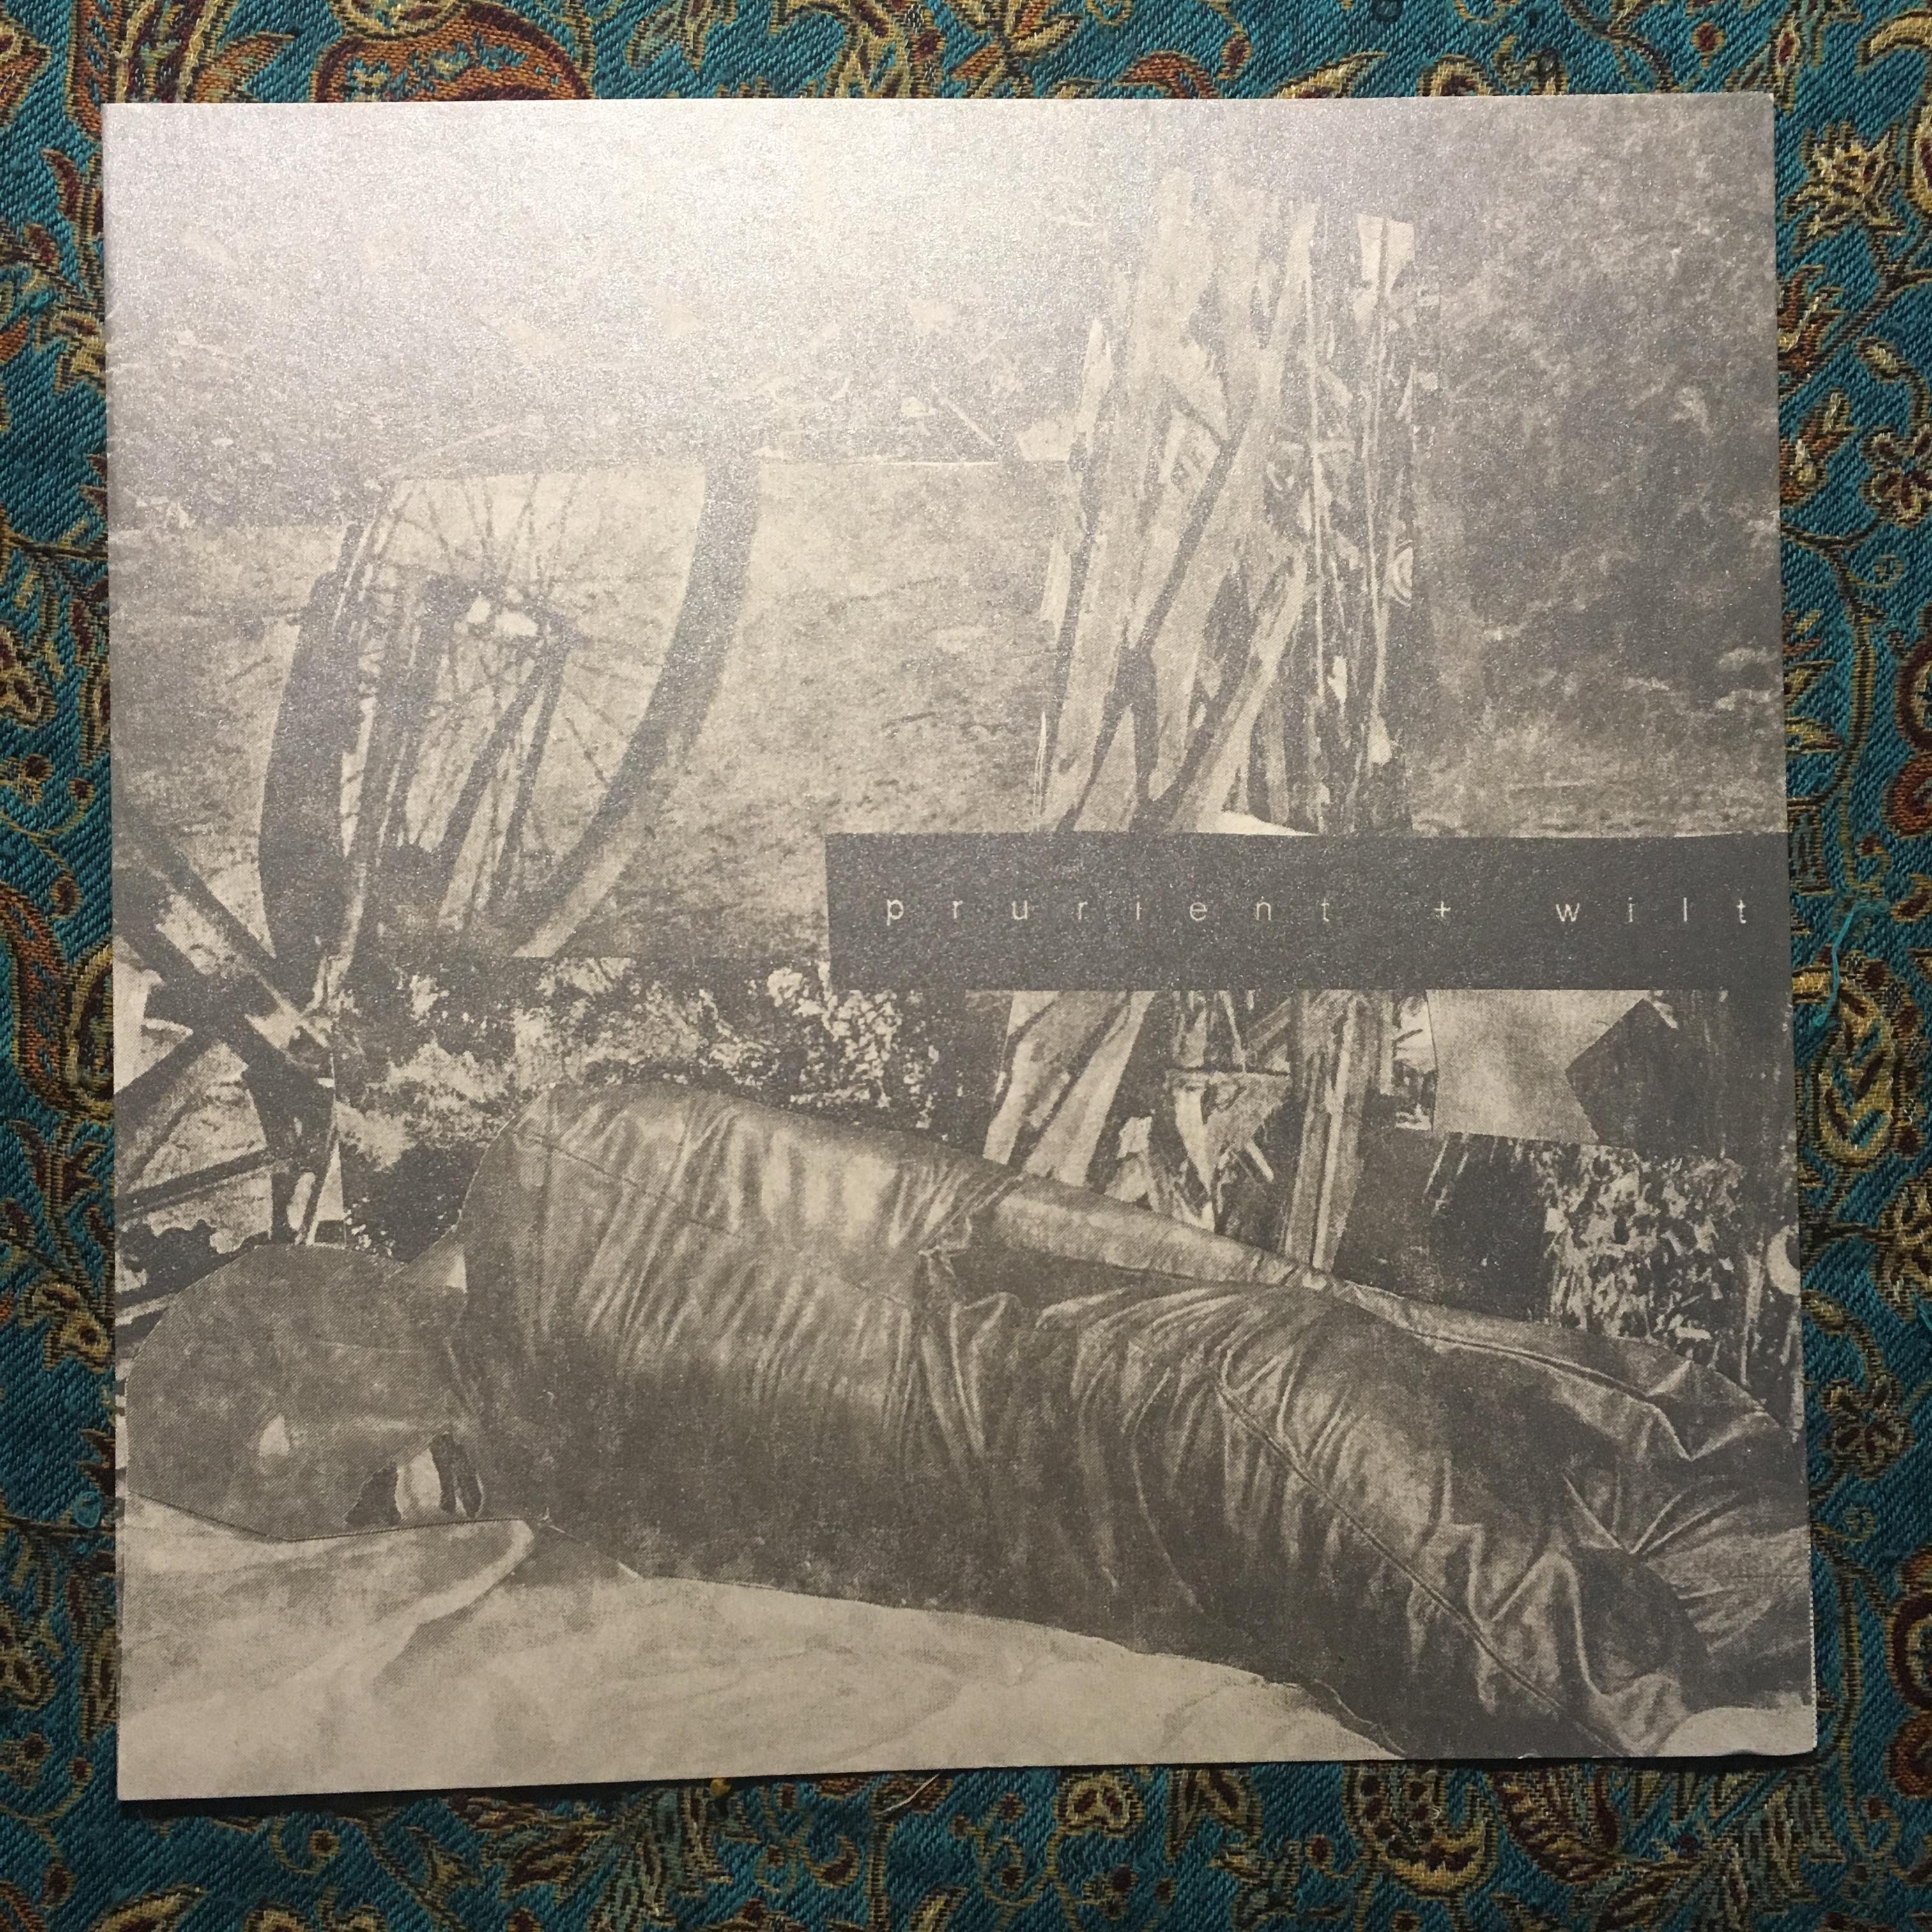 PRURIENT + WILT – Blood of the Lamb LP